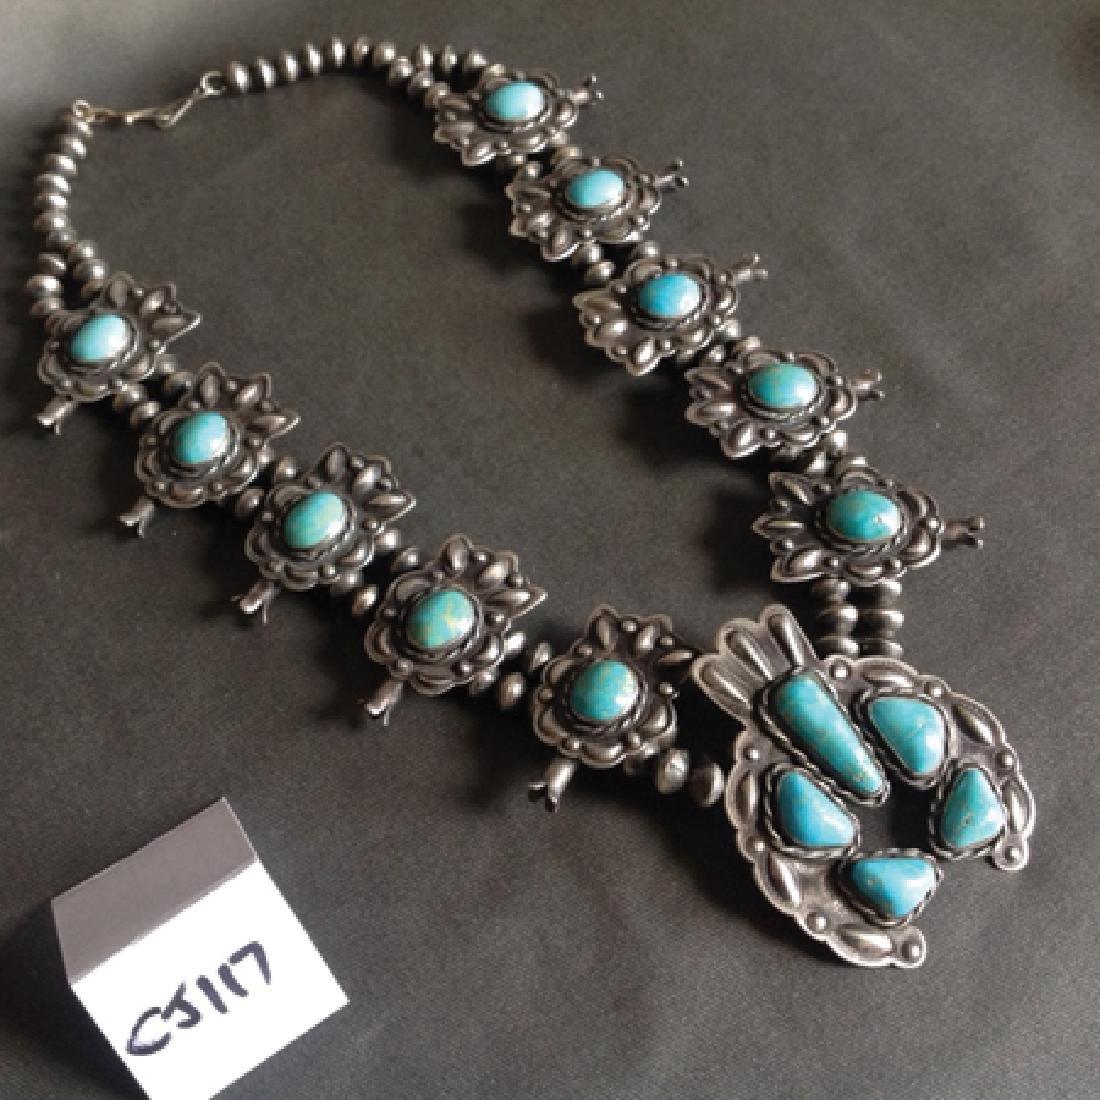 Navajo Necklace - 4